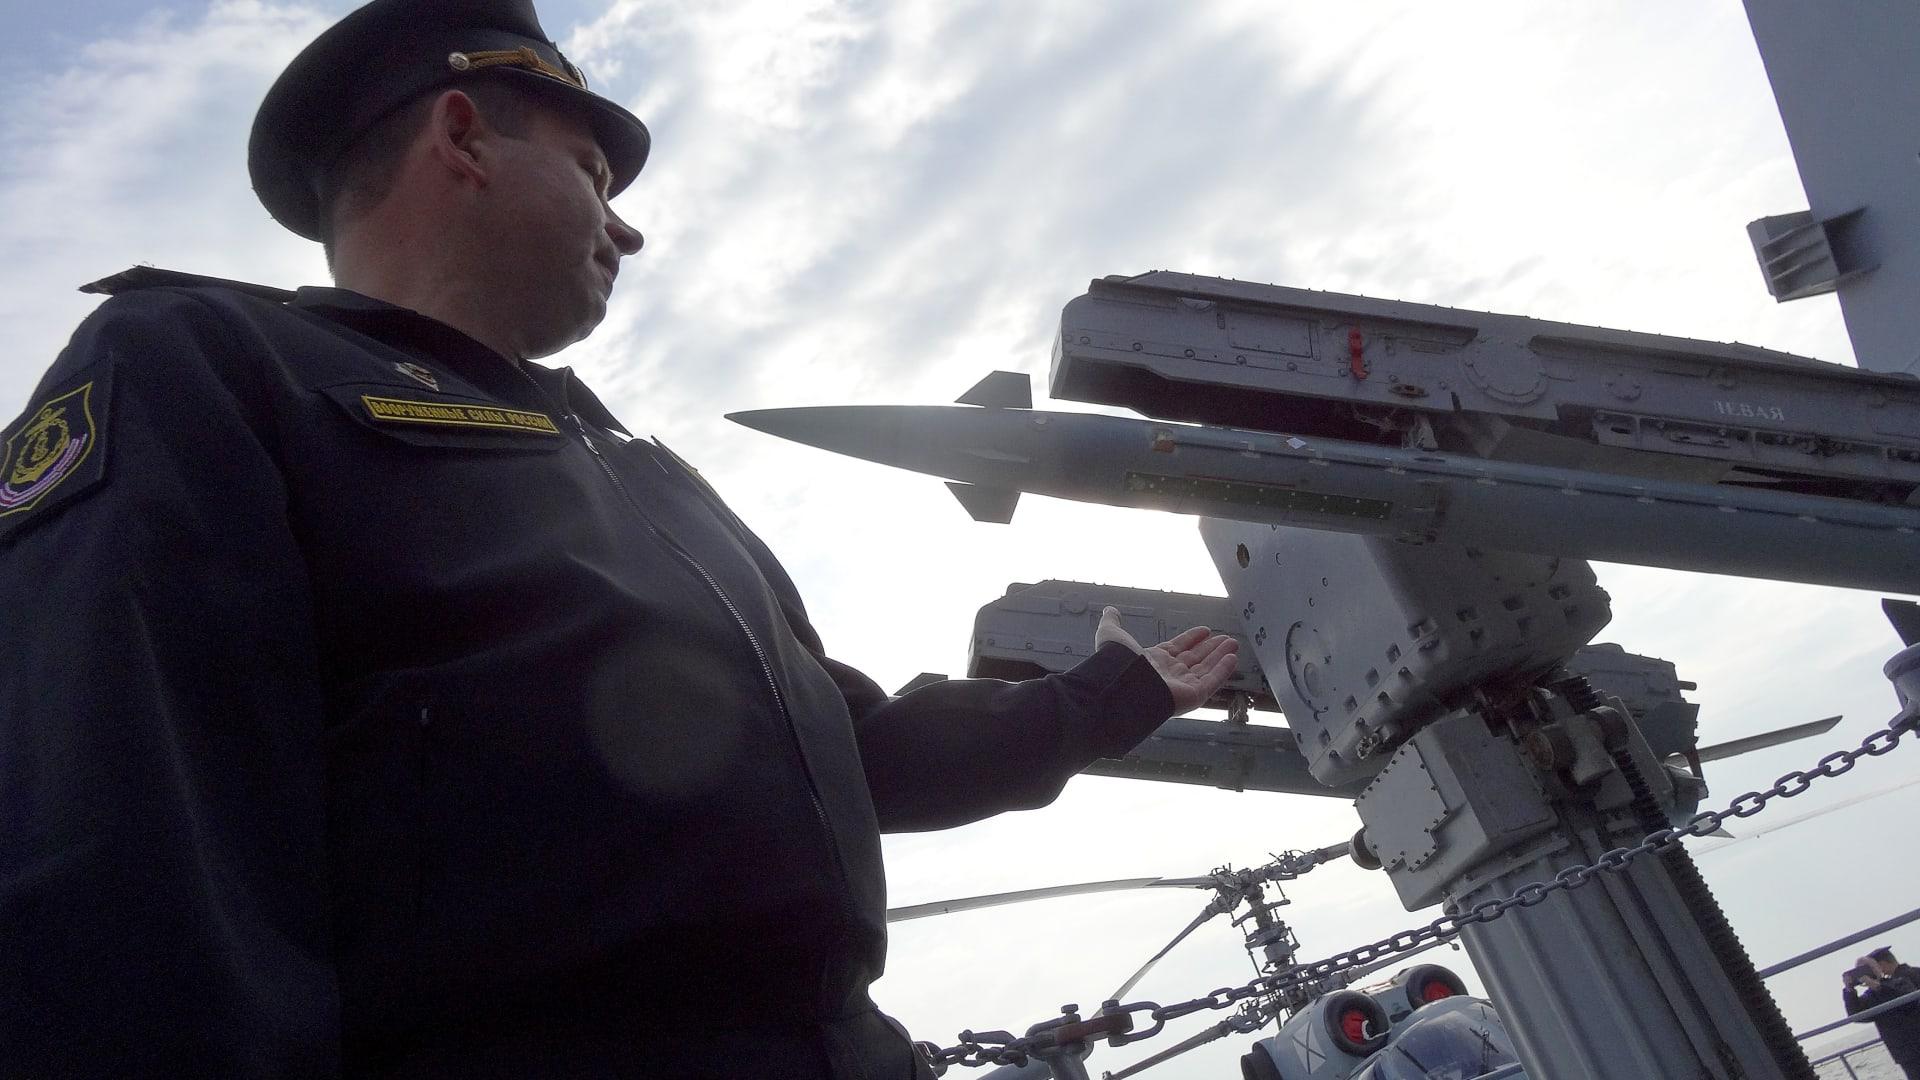 مصادر لـCNN: سفن روسيا بالمتوسط قد تساعد باعتراض صواريخ أمريكا ضد سوريا